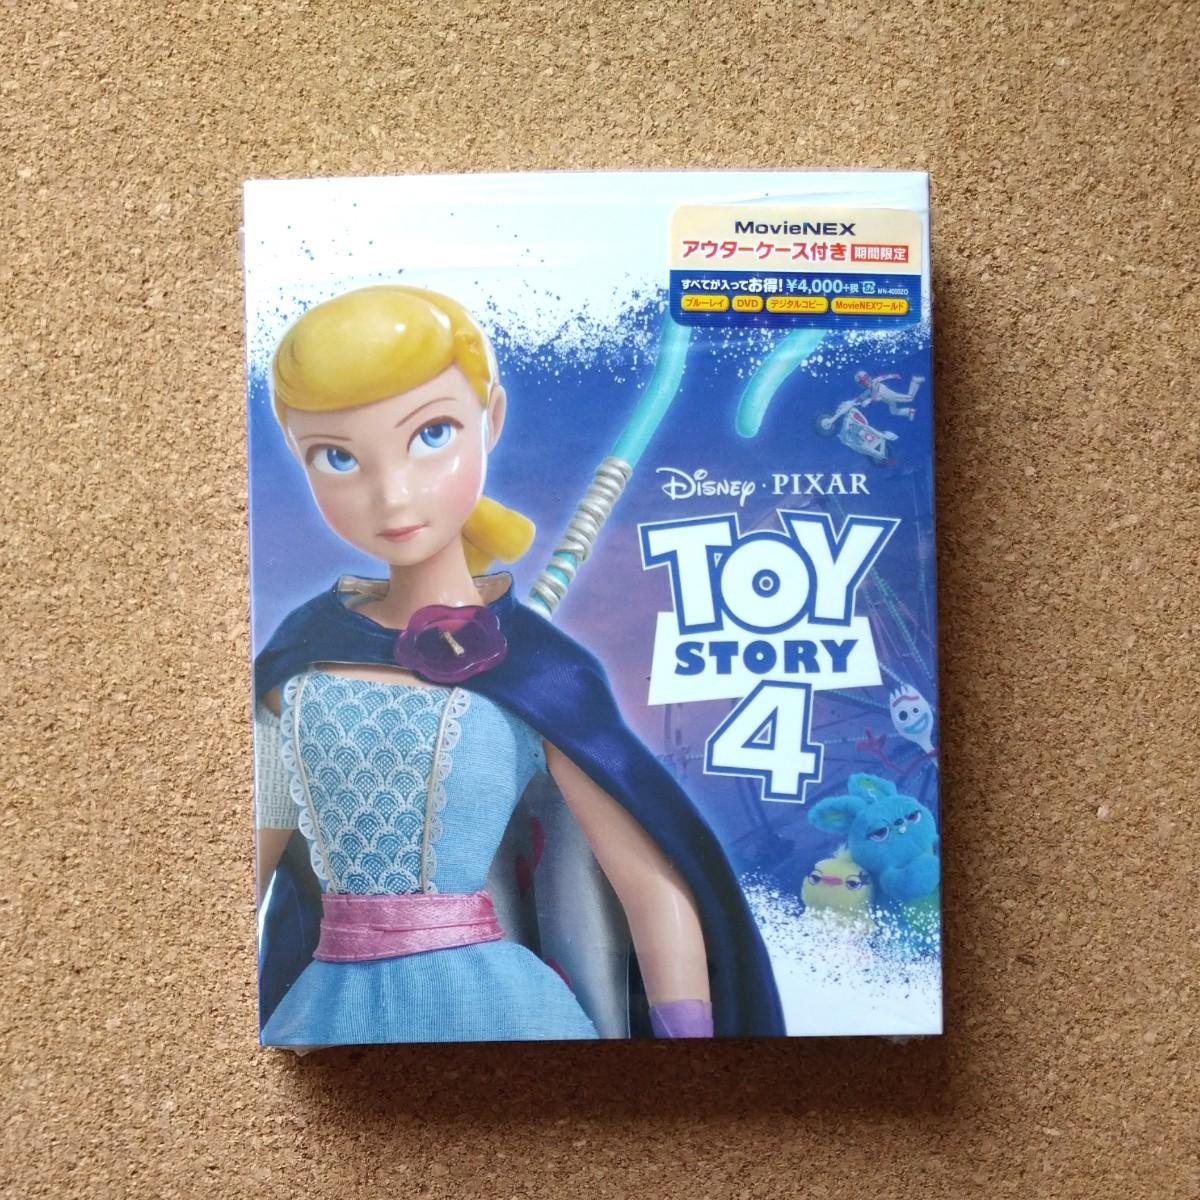 トイ・ストーリー4 MovieNEX Blu-ray